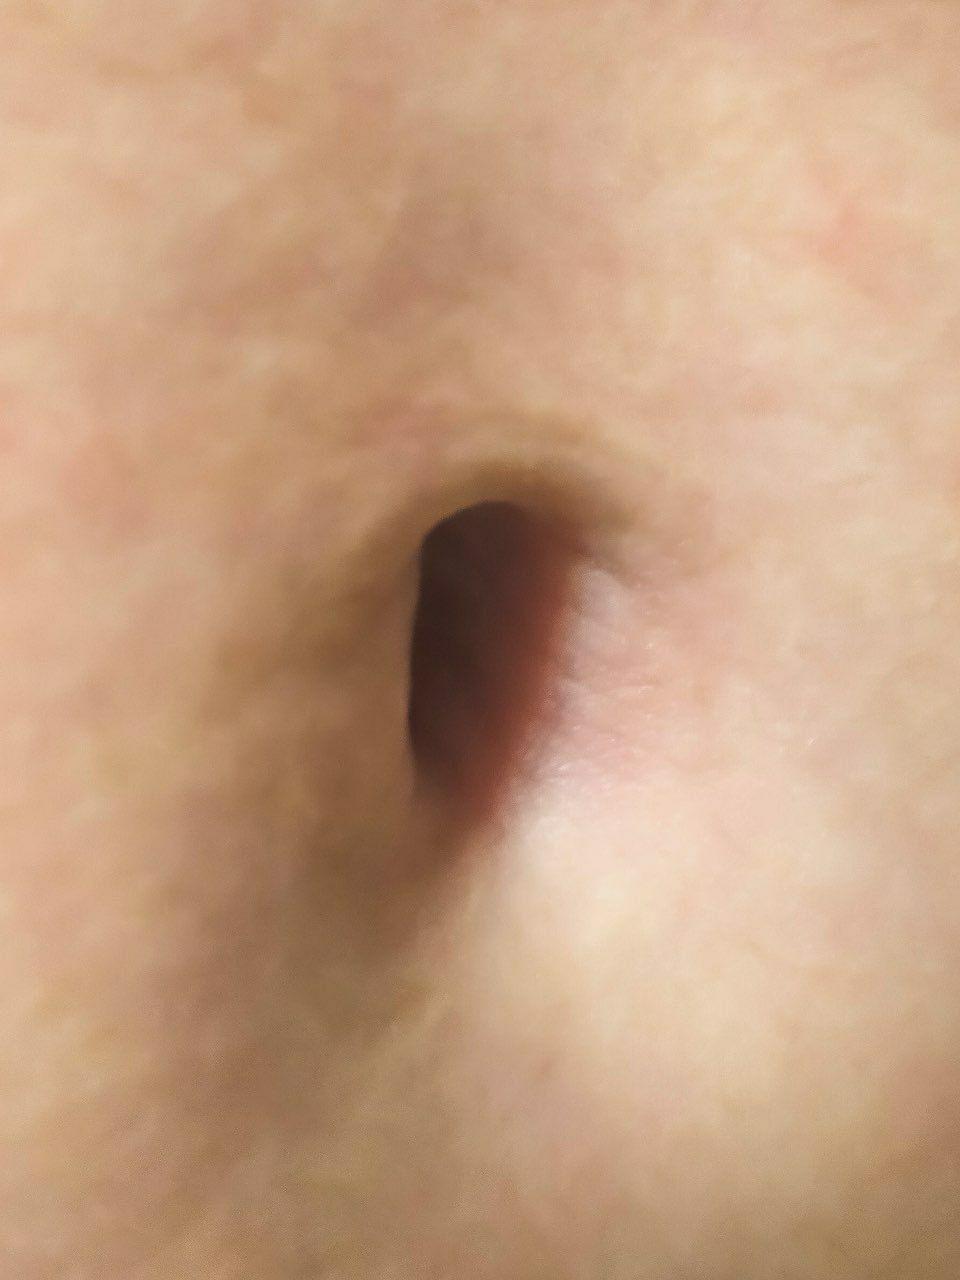 Пупочная грыжа: причины, симптомы, лечение